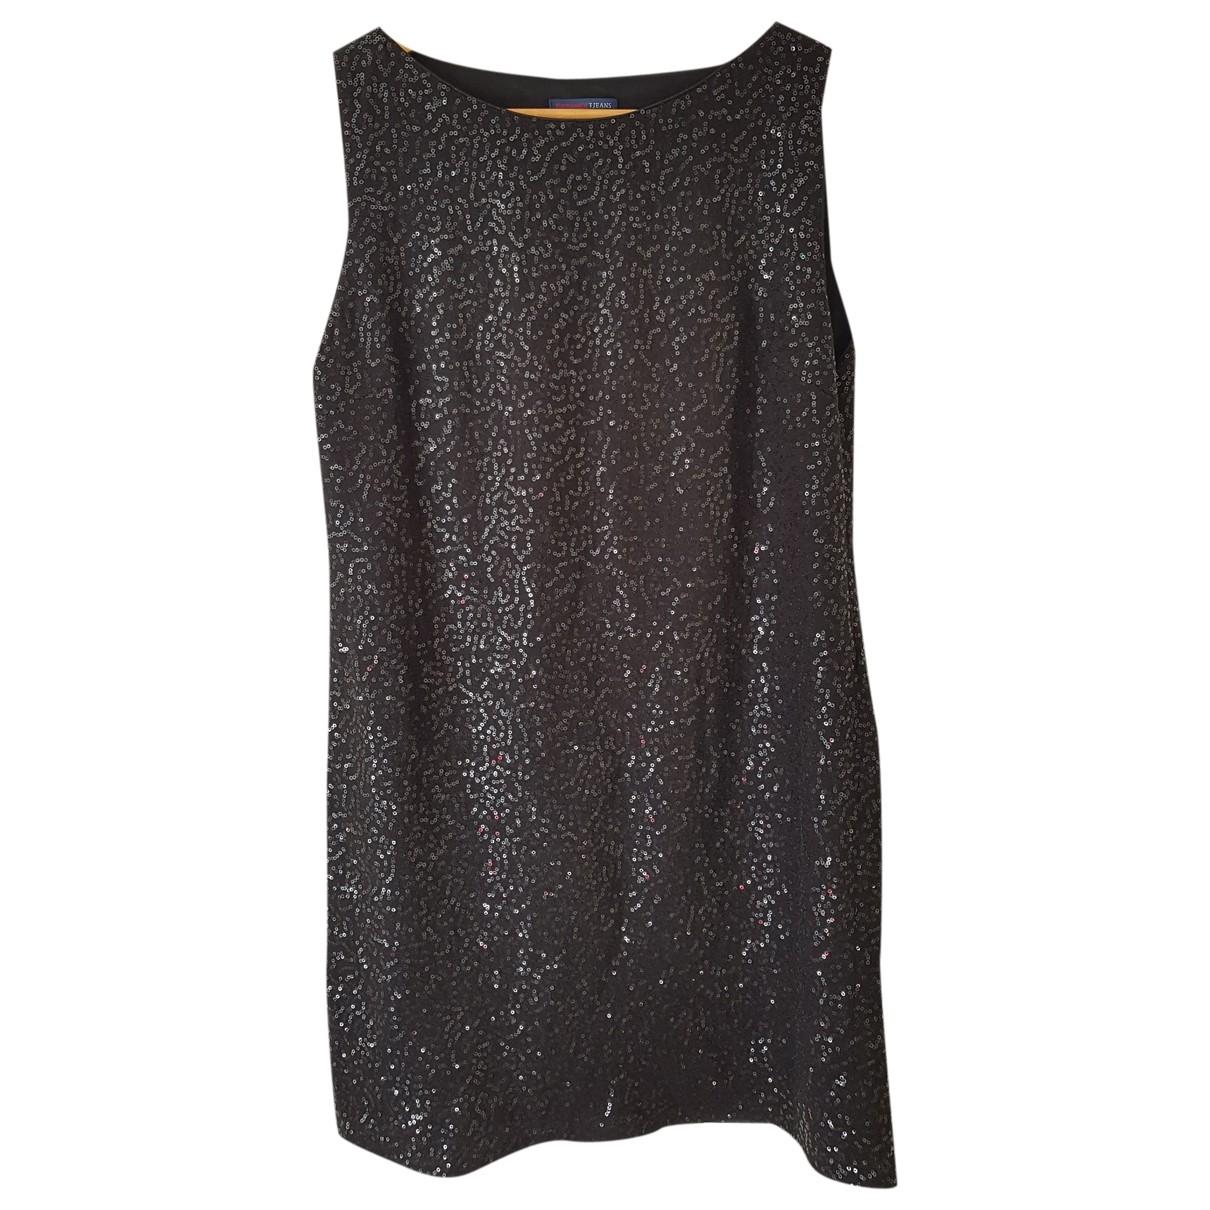 Trussardi Jeans \N Kleid in  Schwarz Synthetik